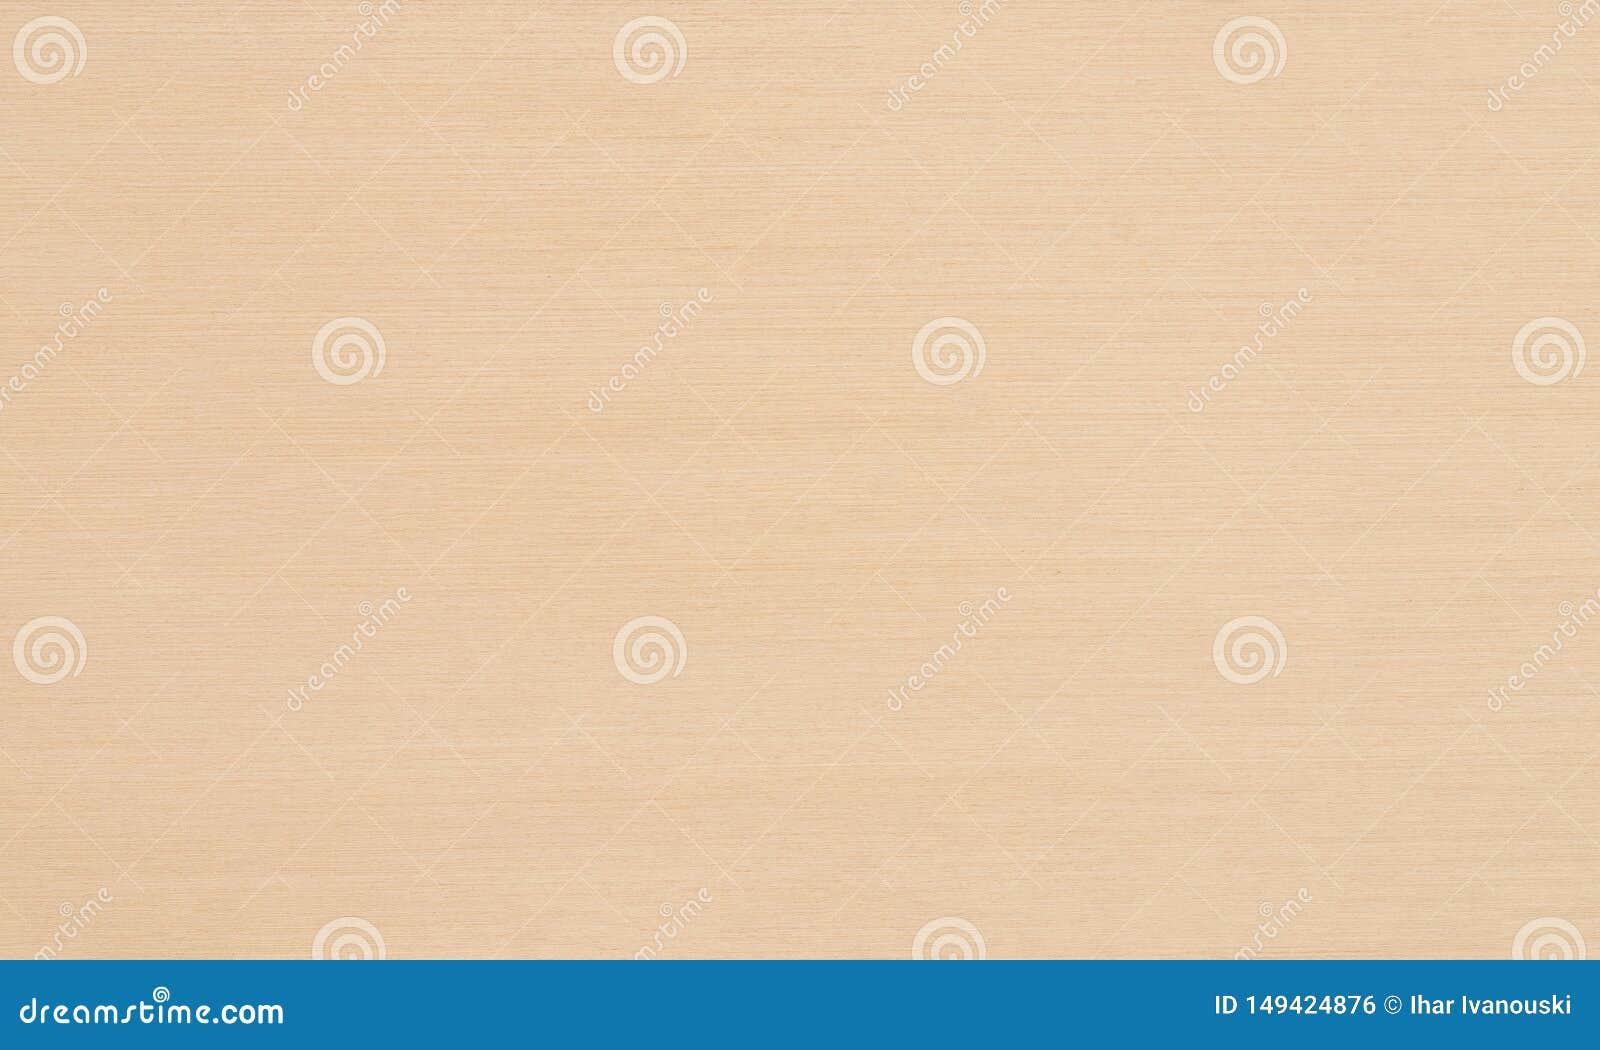 Διακοσμητικός πίνακας με το μίμησης ξύλο για τη λήξη των επίπλων και της κουζίνας